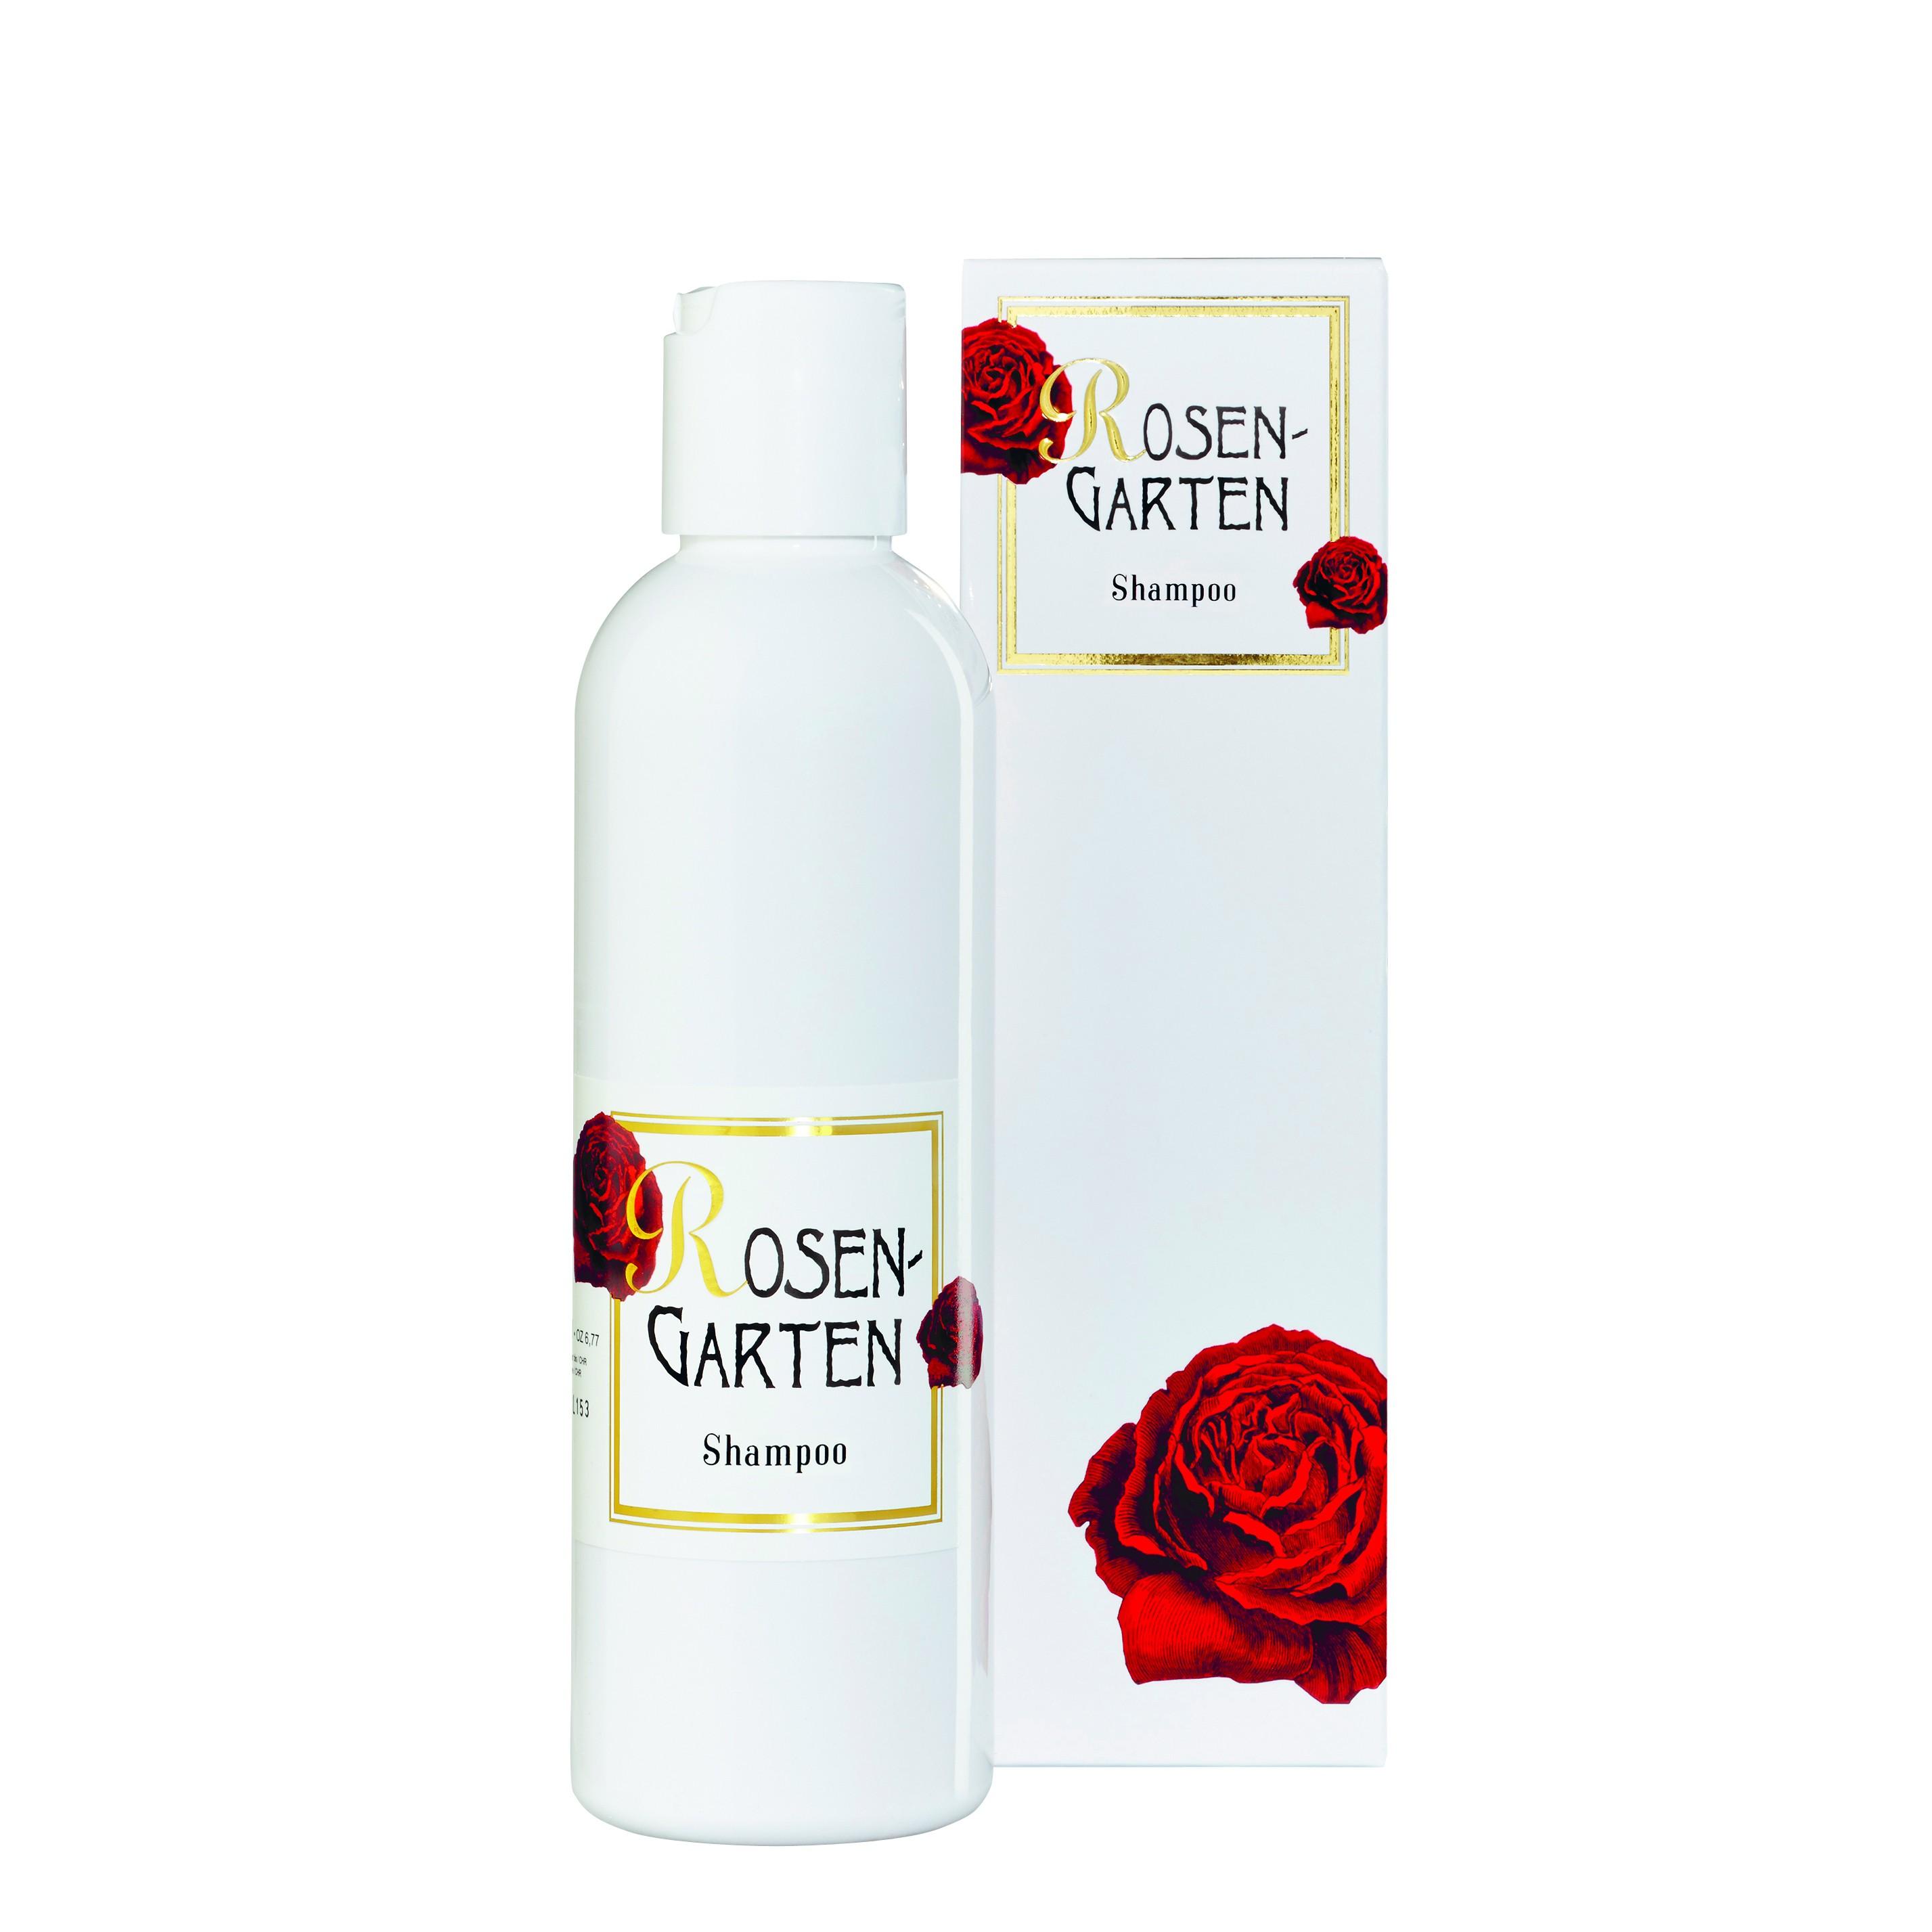 Rosengarten Shampoo 200ml bio